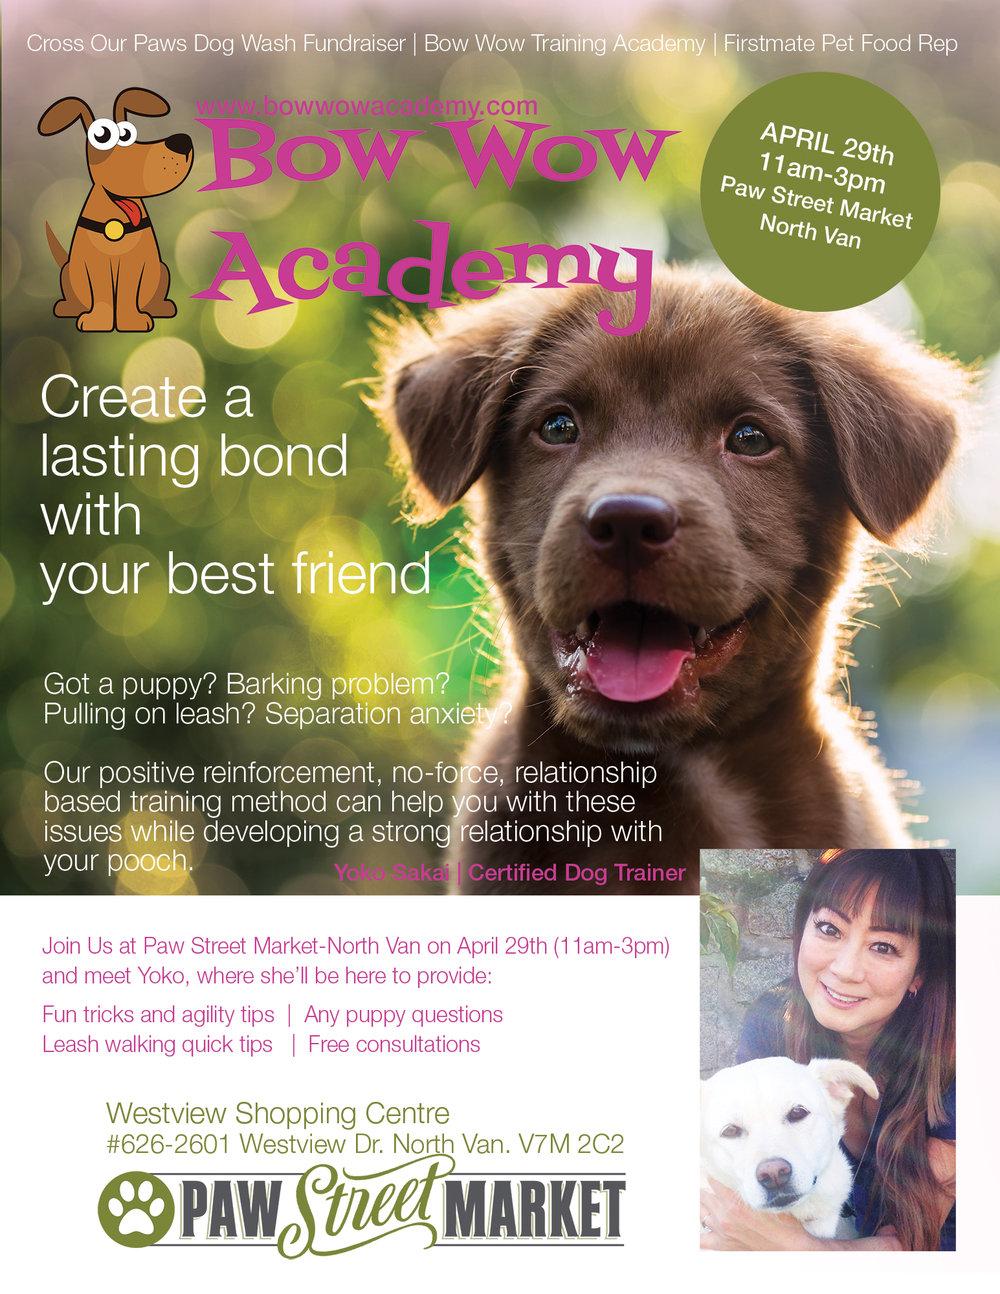 Fundraiser_Bow Wow Academy Brochure_V2.jpg